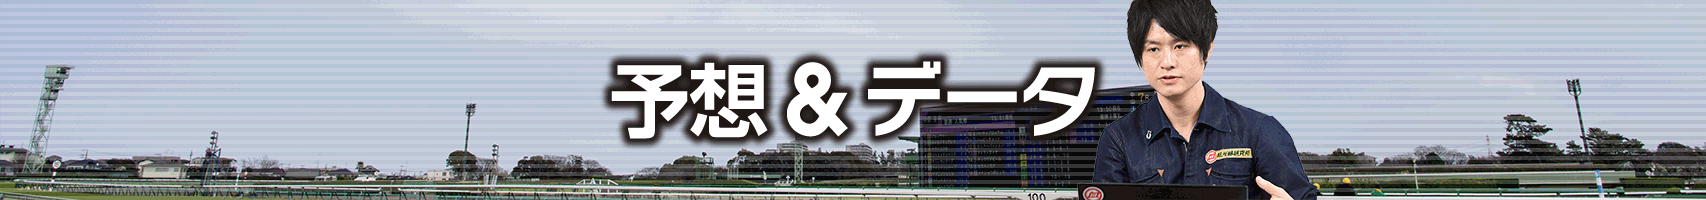 京成杯/過去の好走馬4ライン小系統&3代内種牡馬